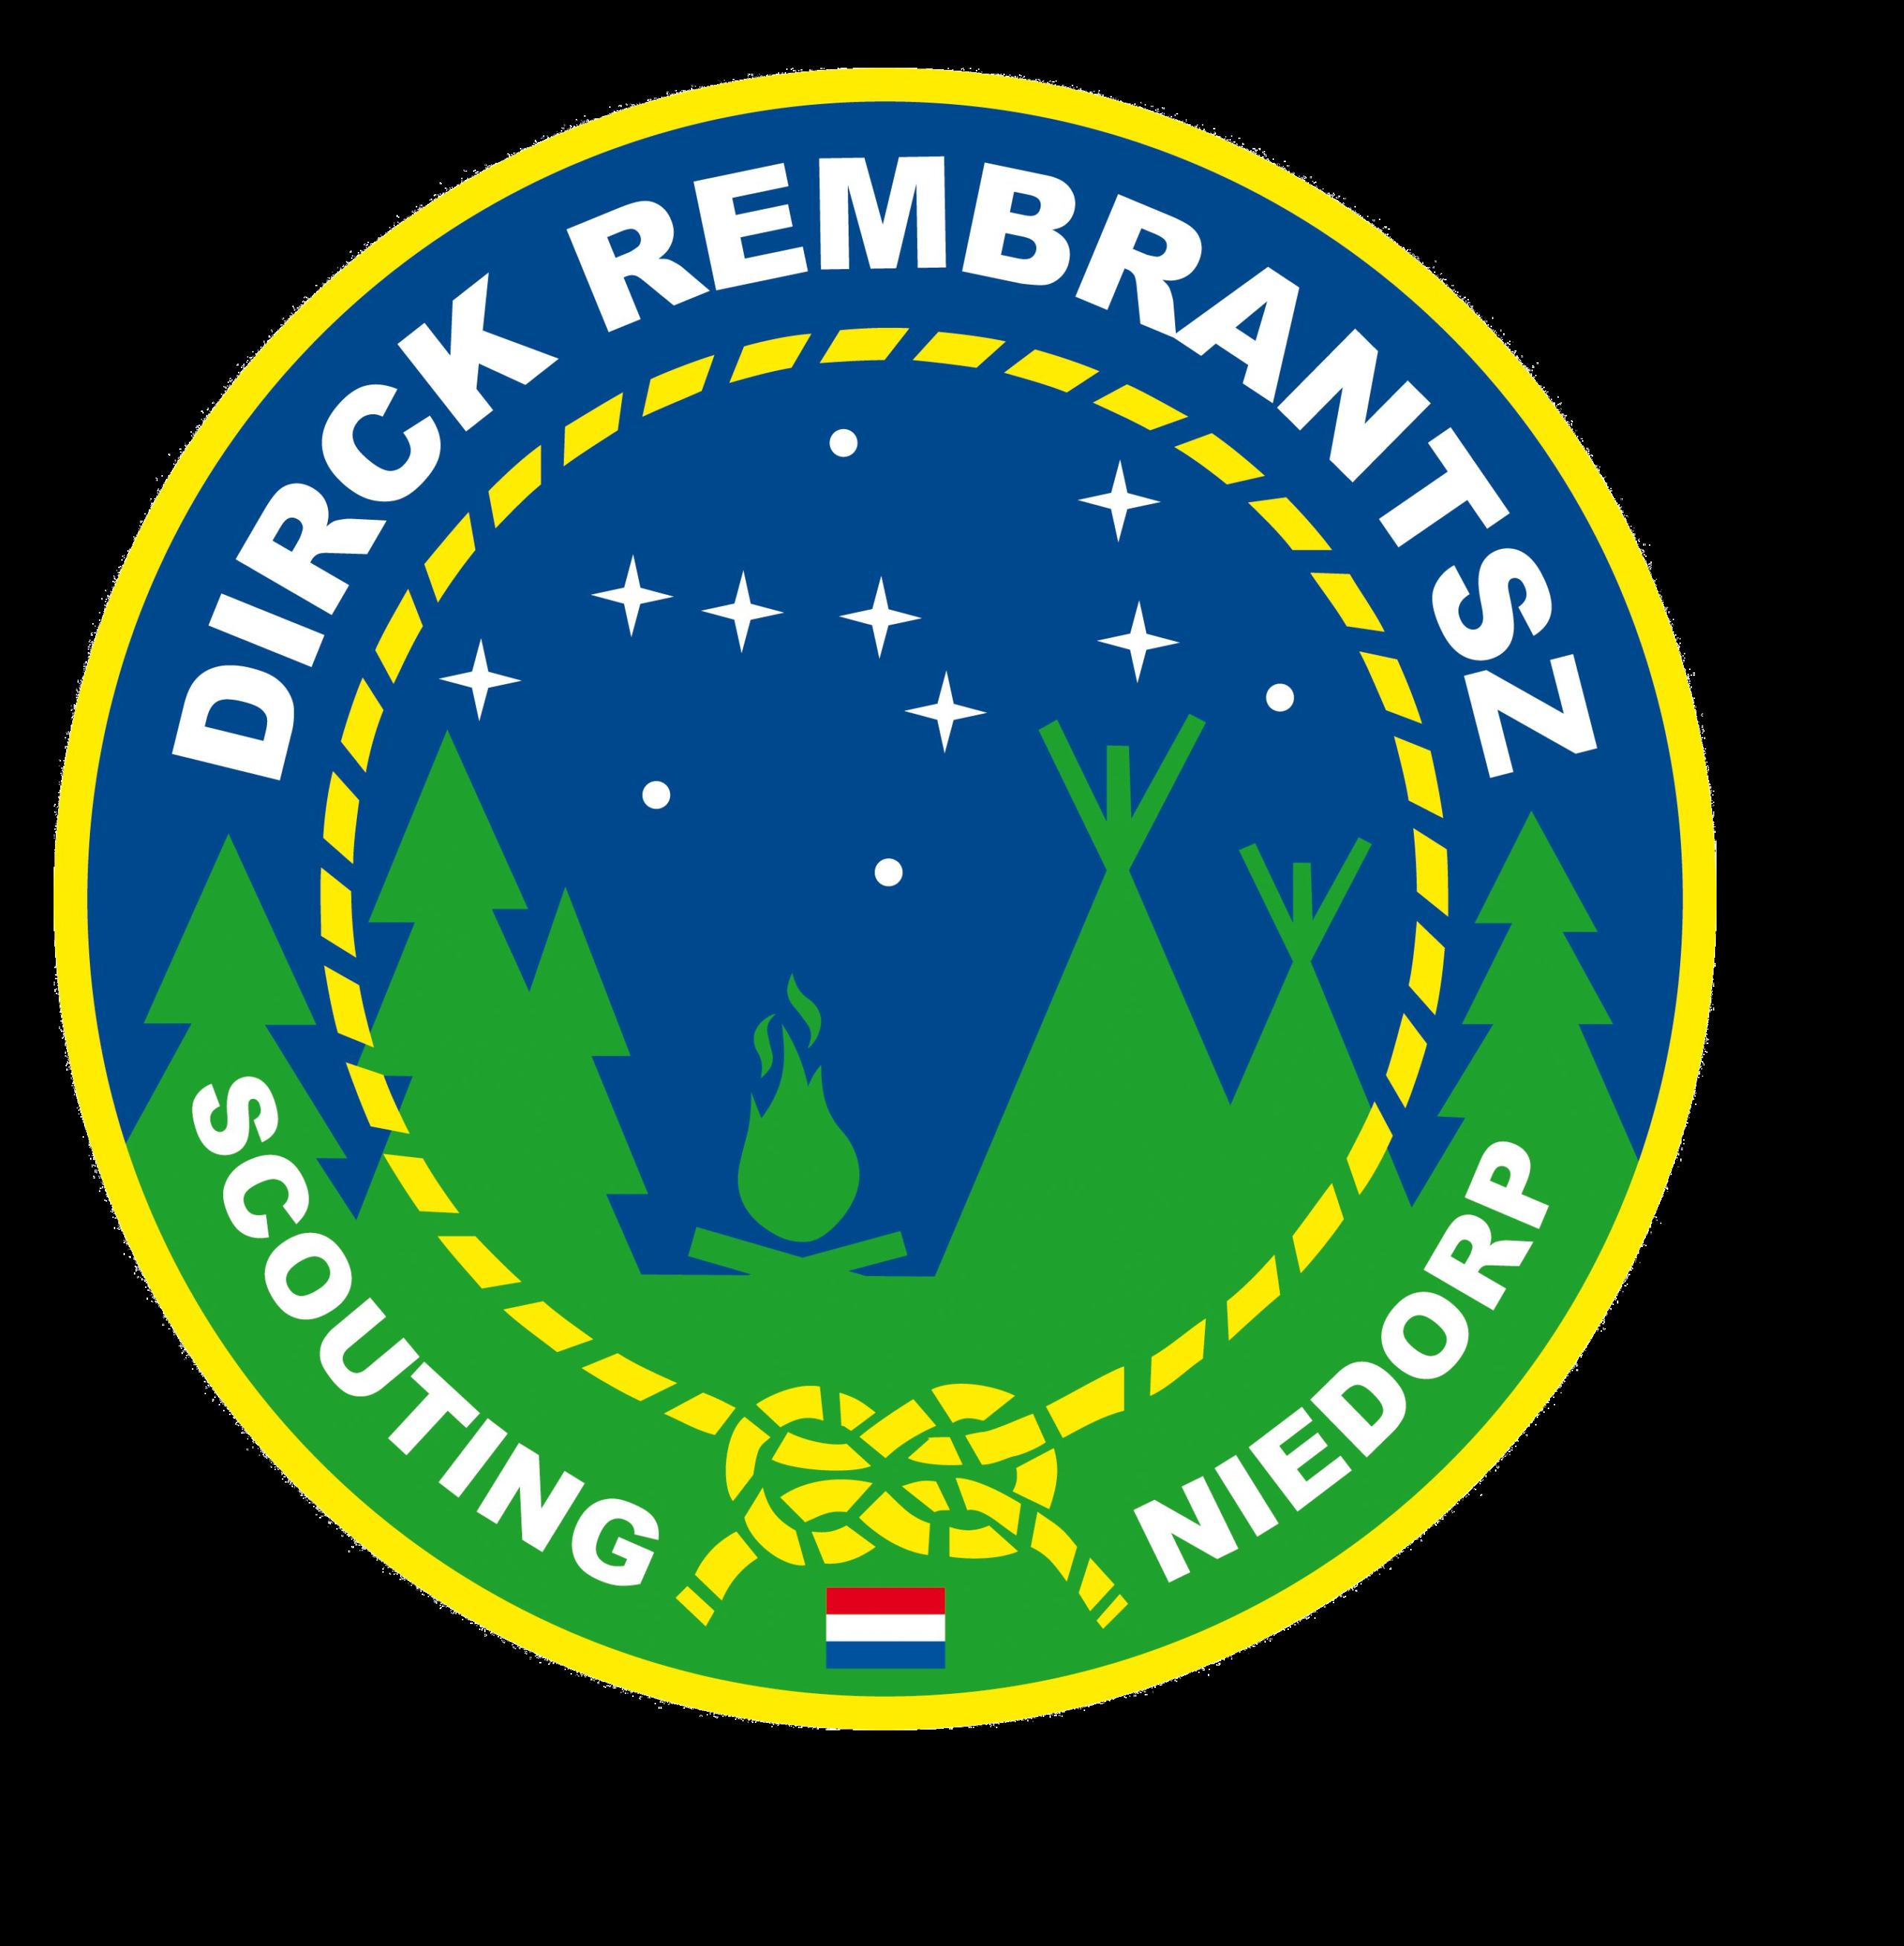 DRG Scouting Niedorp Kerstboombestellen.online